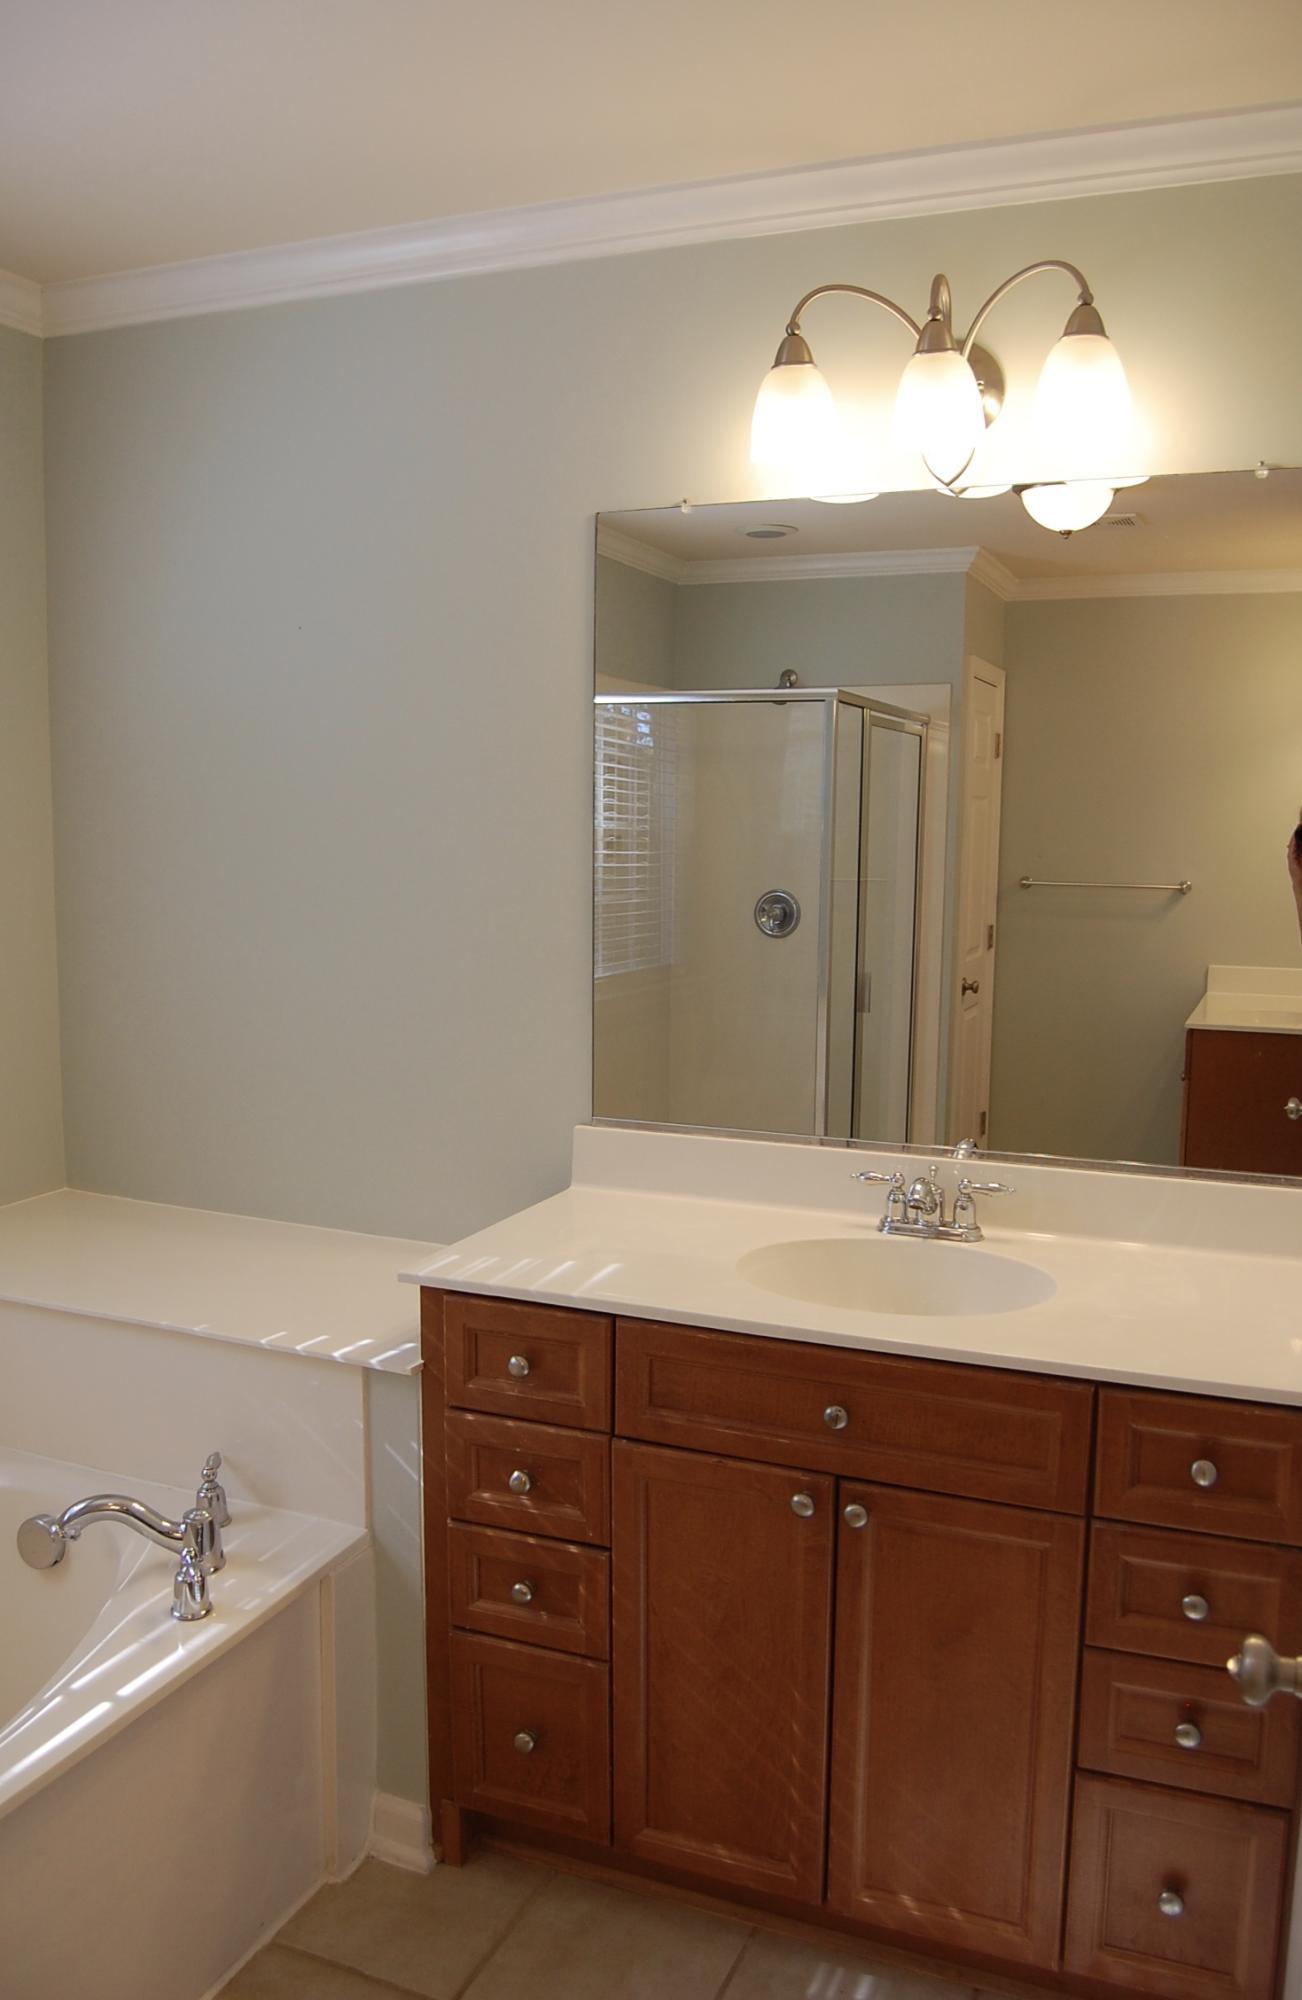 Park West Homes For Sale - 3529 Claremont, Mount Pleasant, SC - 13